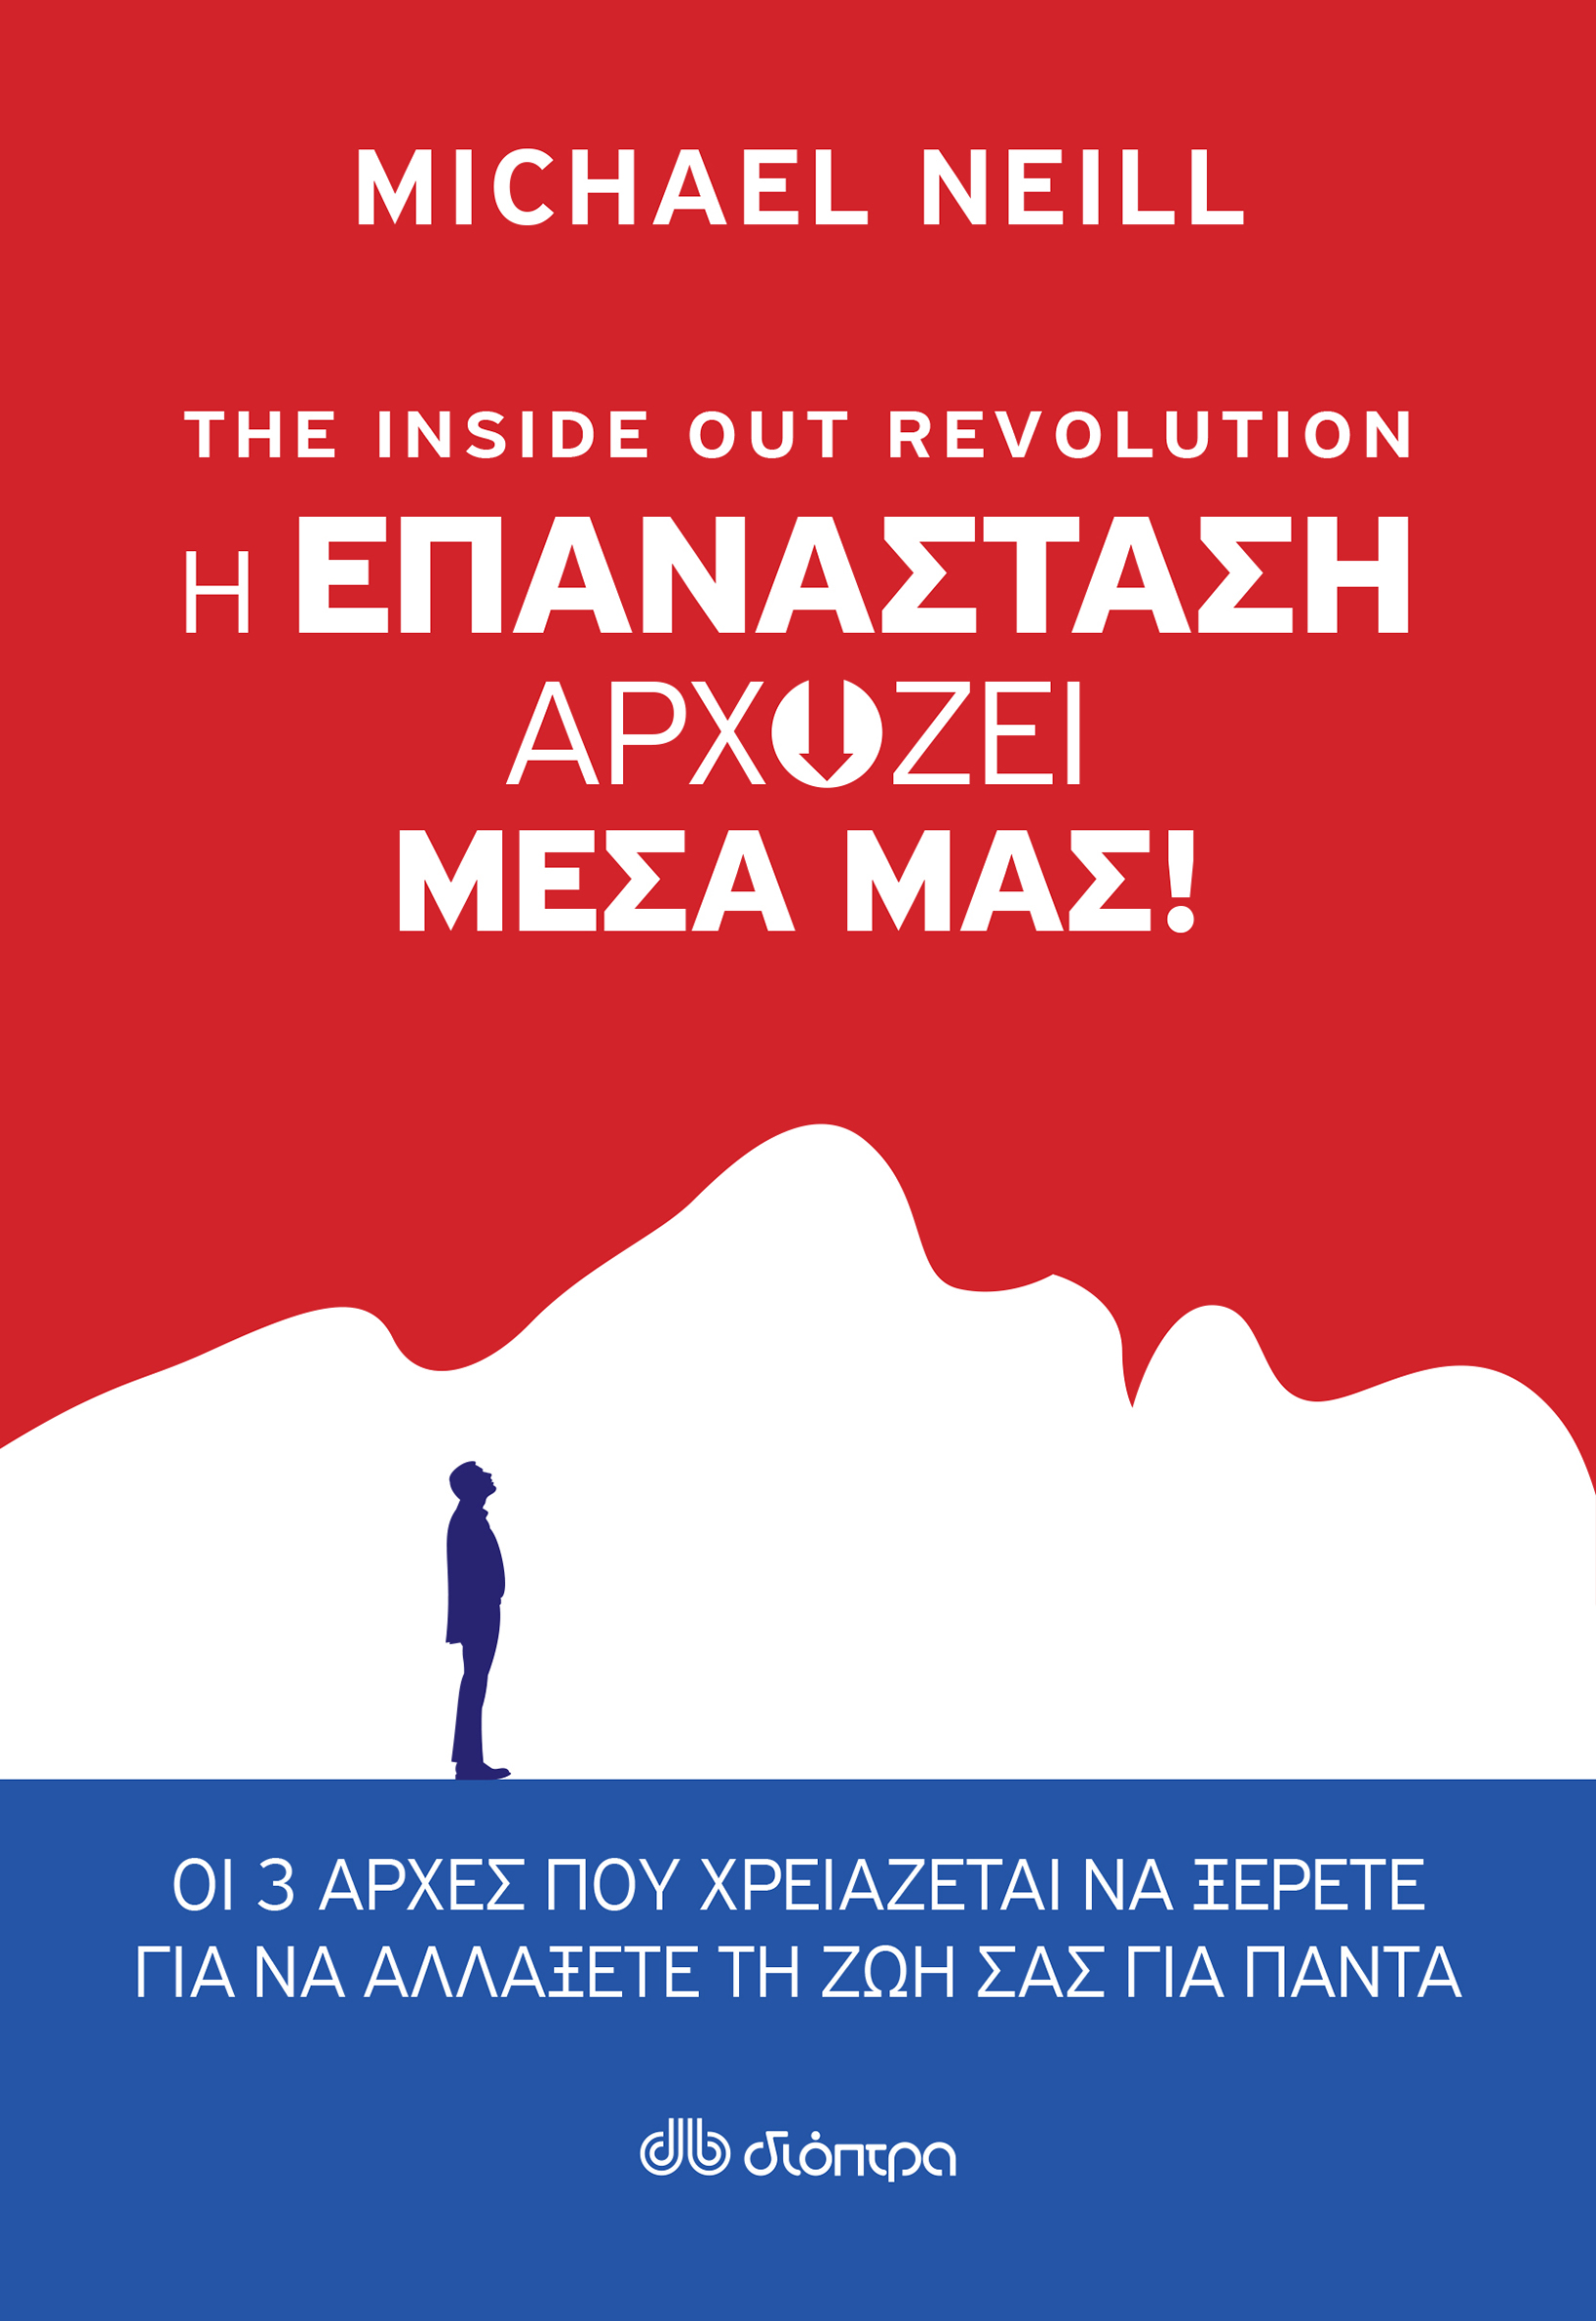 The Inside Out Revolution - Η Επανάσταση Αρχίζει Μέσα Μας!